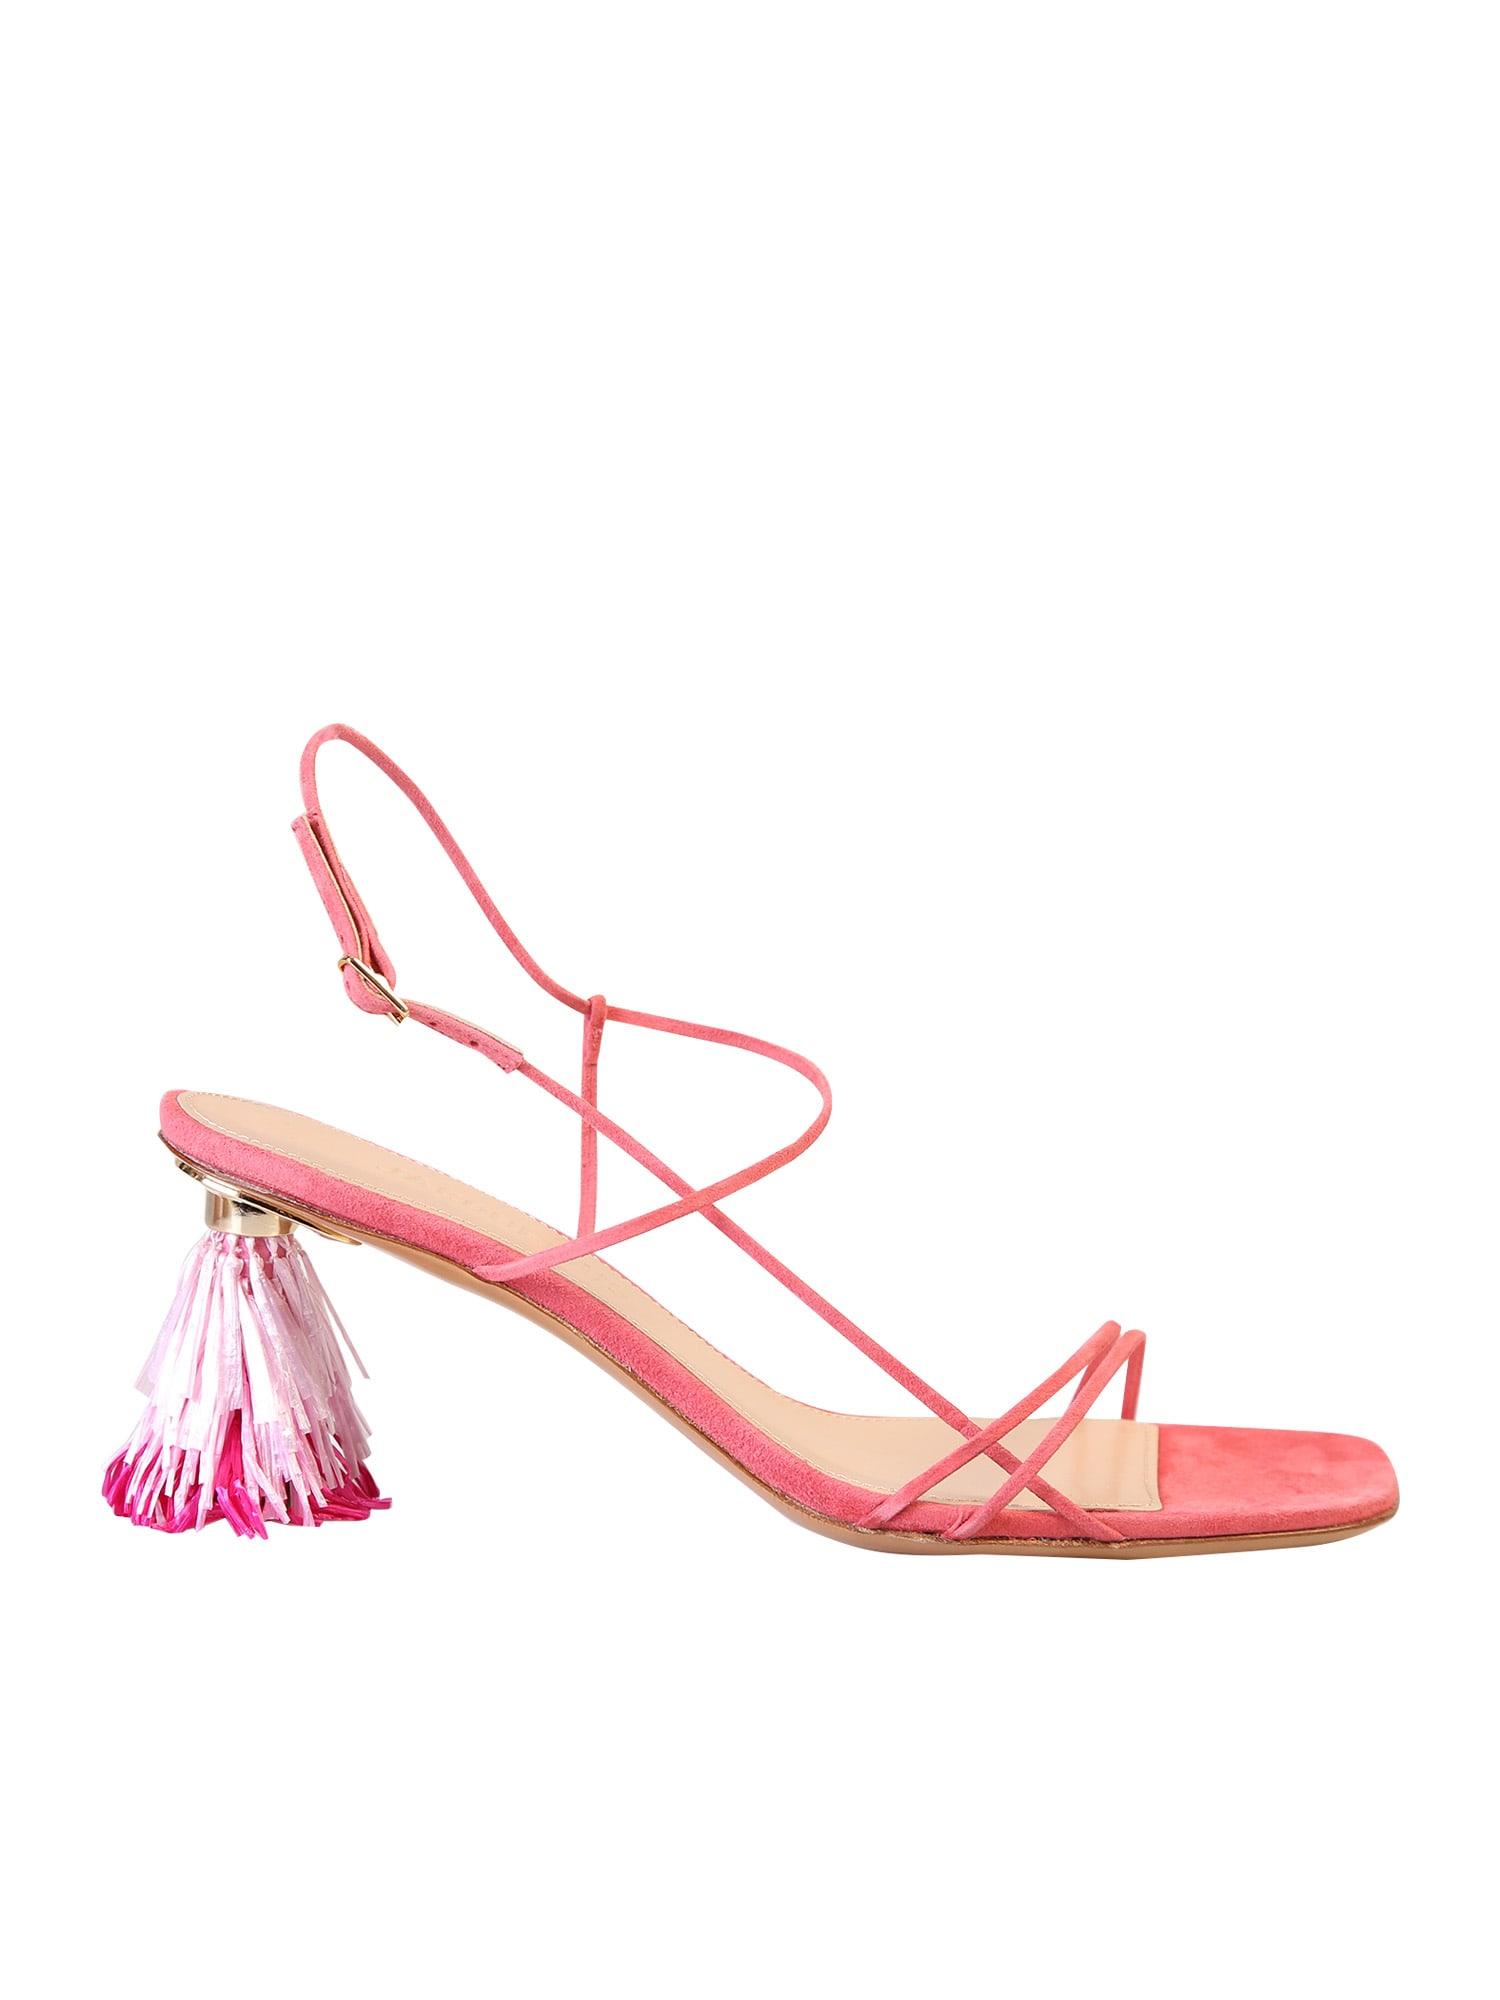 Jacquemus Square Toe Sandals